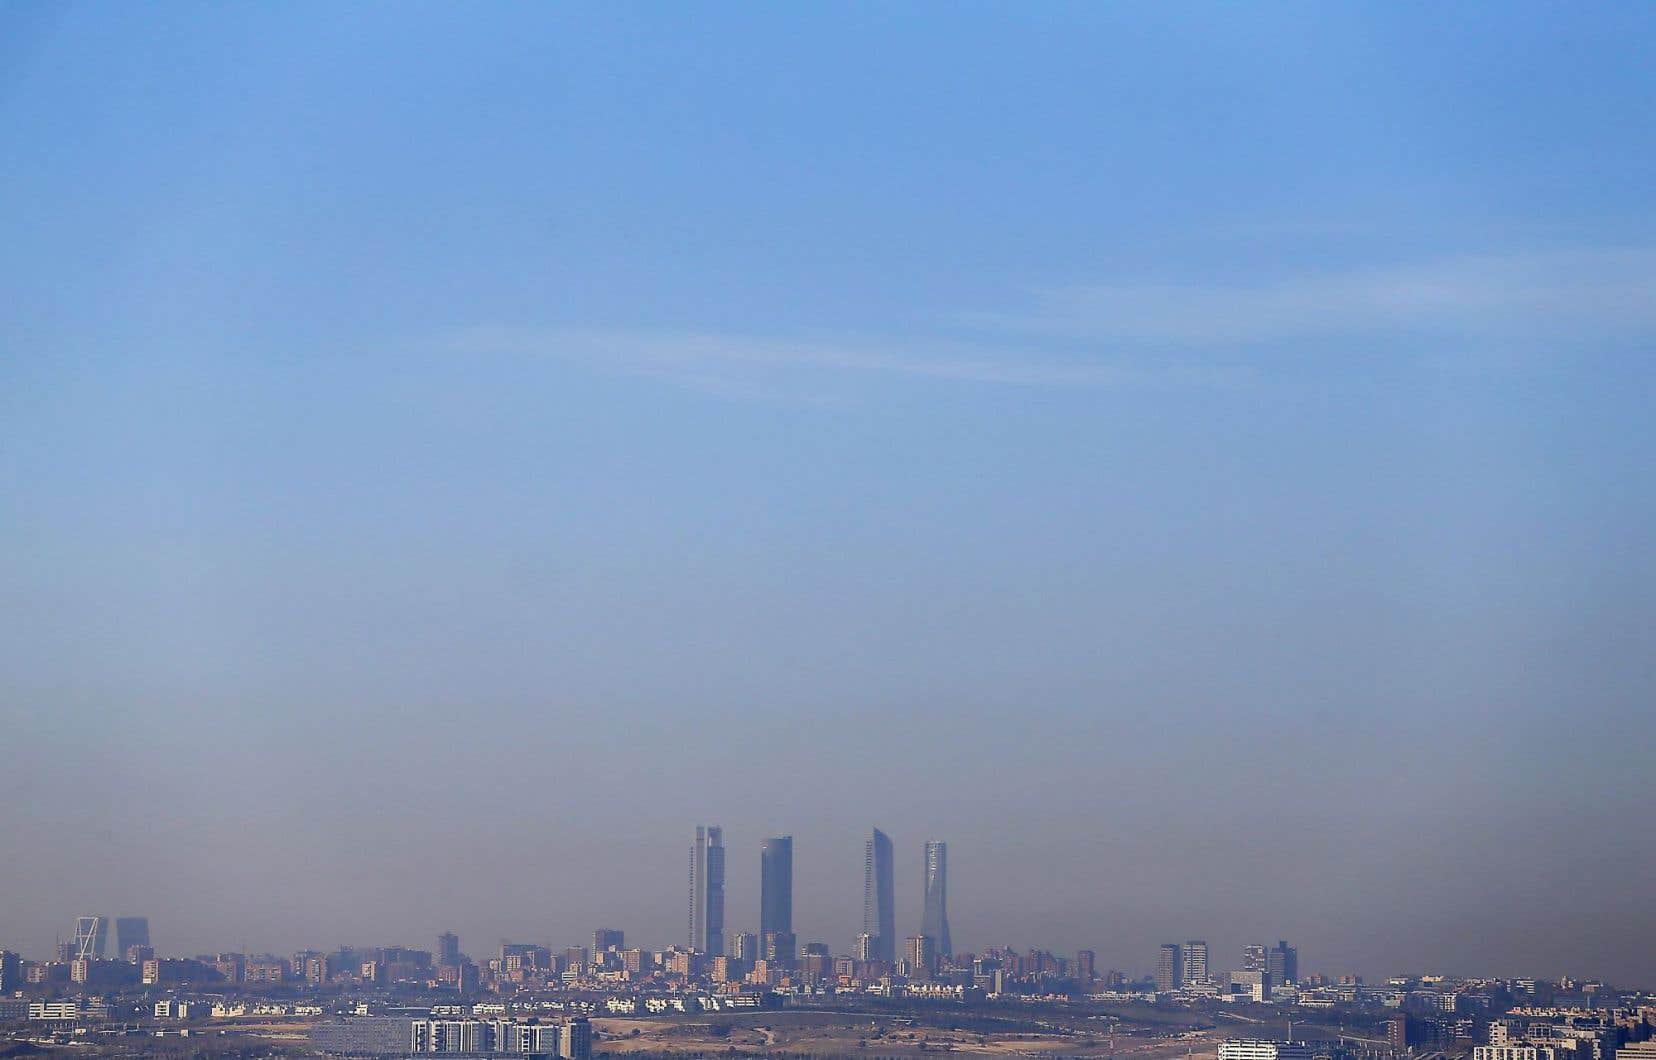 Avec 3,2millions d'habitants et 1,8million de voitures, Madrid est considérée comme l'une des capitales les plus polluées d'Europe.